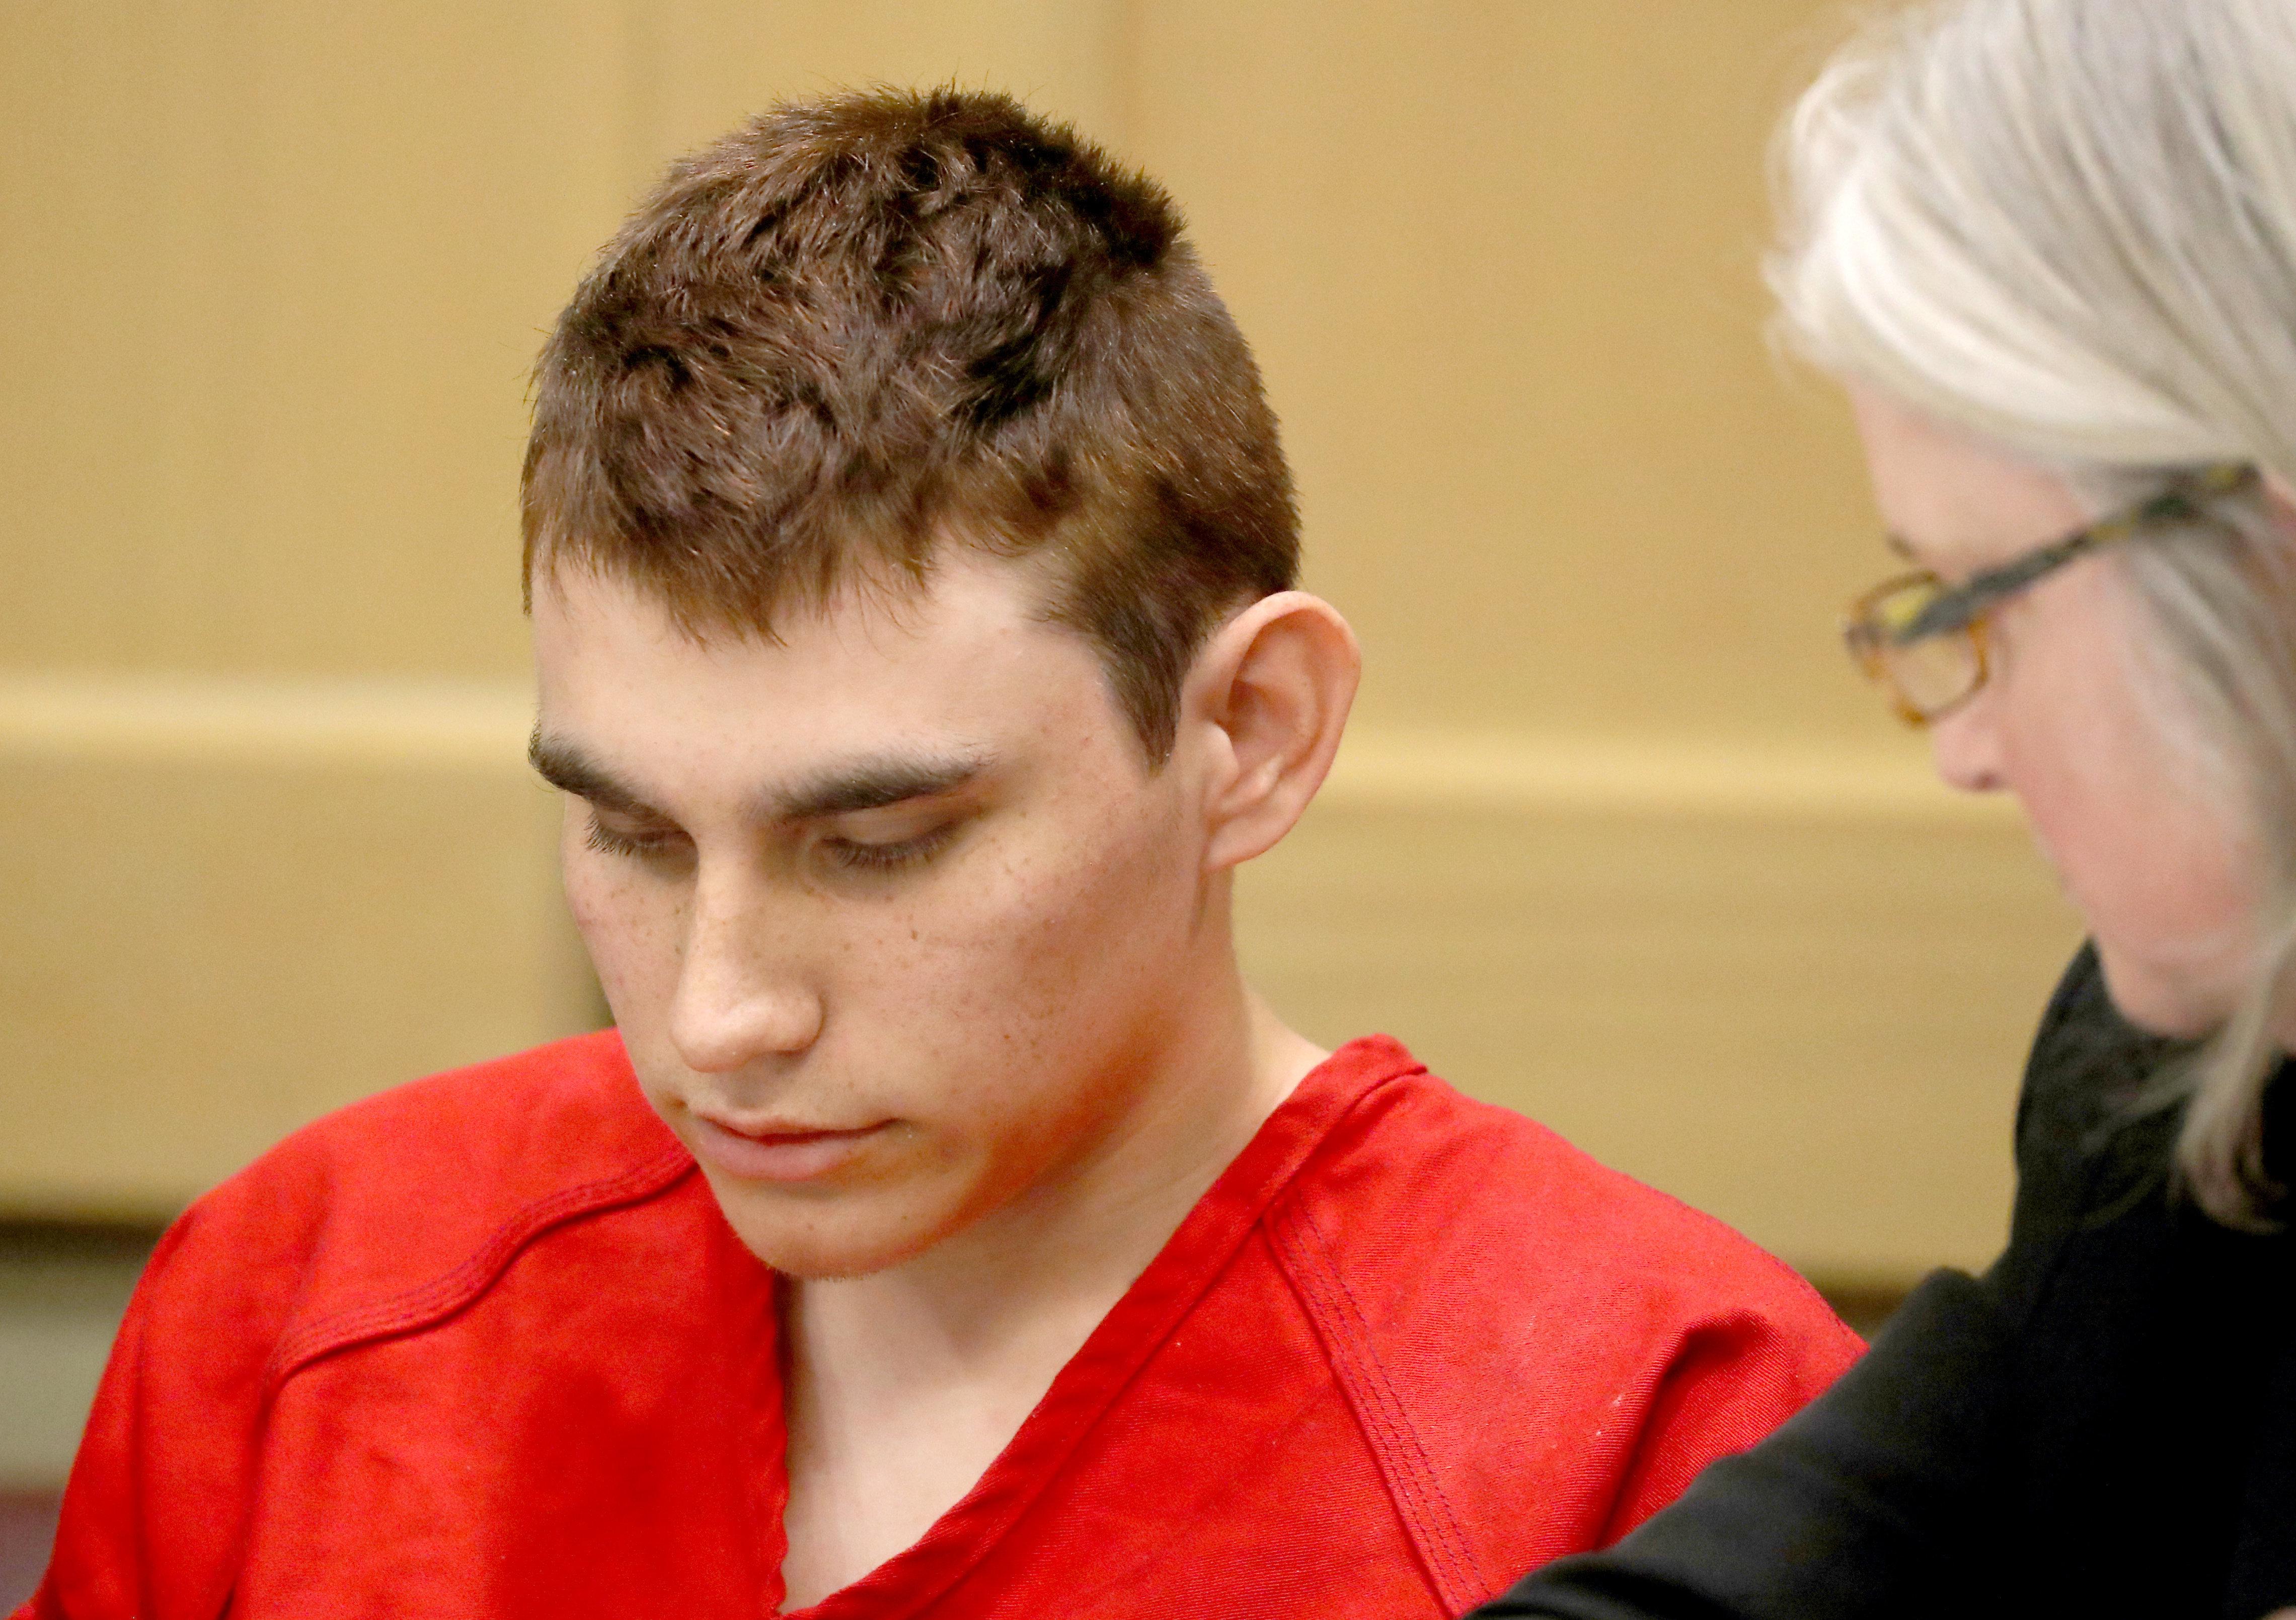 Nikolas Cruz, 19, appears in court in Fort Lauderdale, Florida, on Feb. 19.